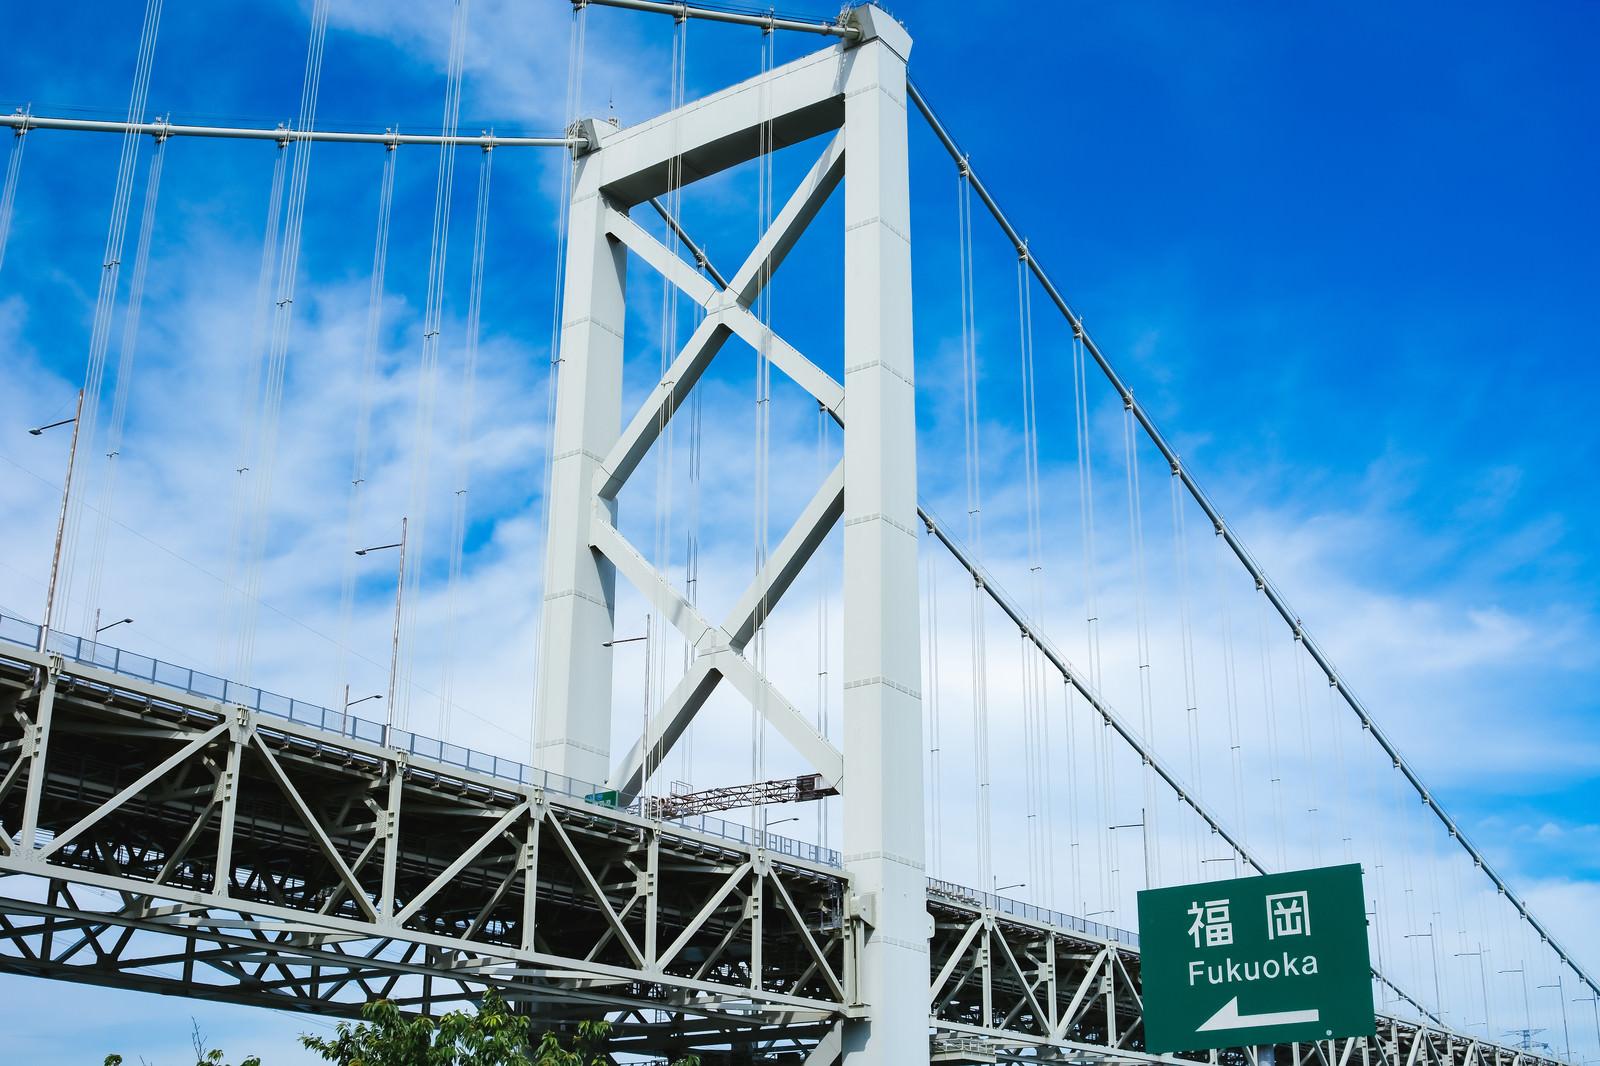 「関門橋と案内看板、福岡はあちらです」の写真